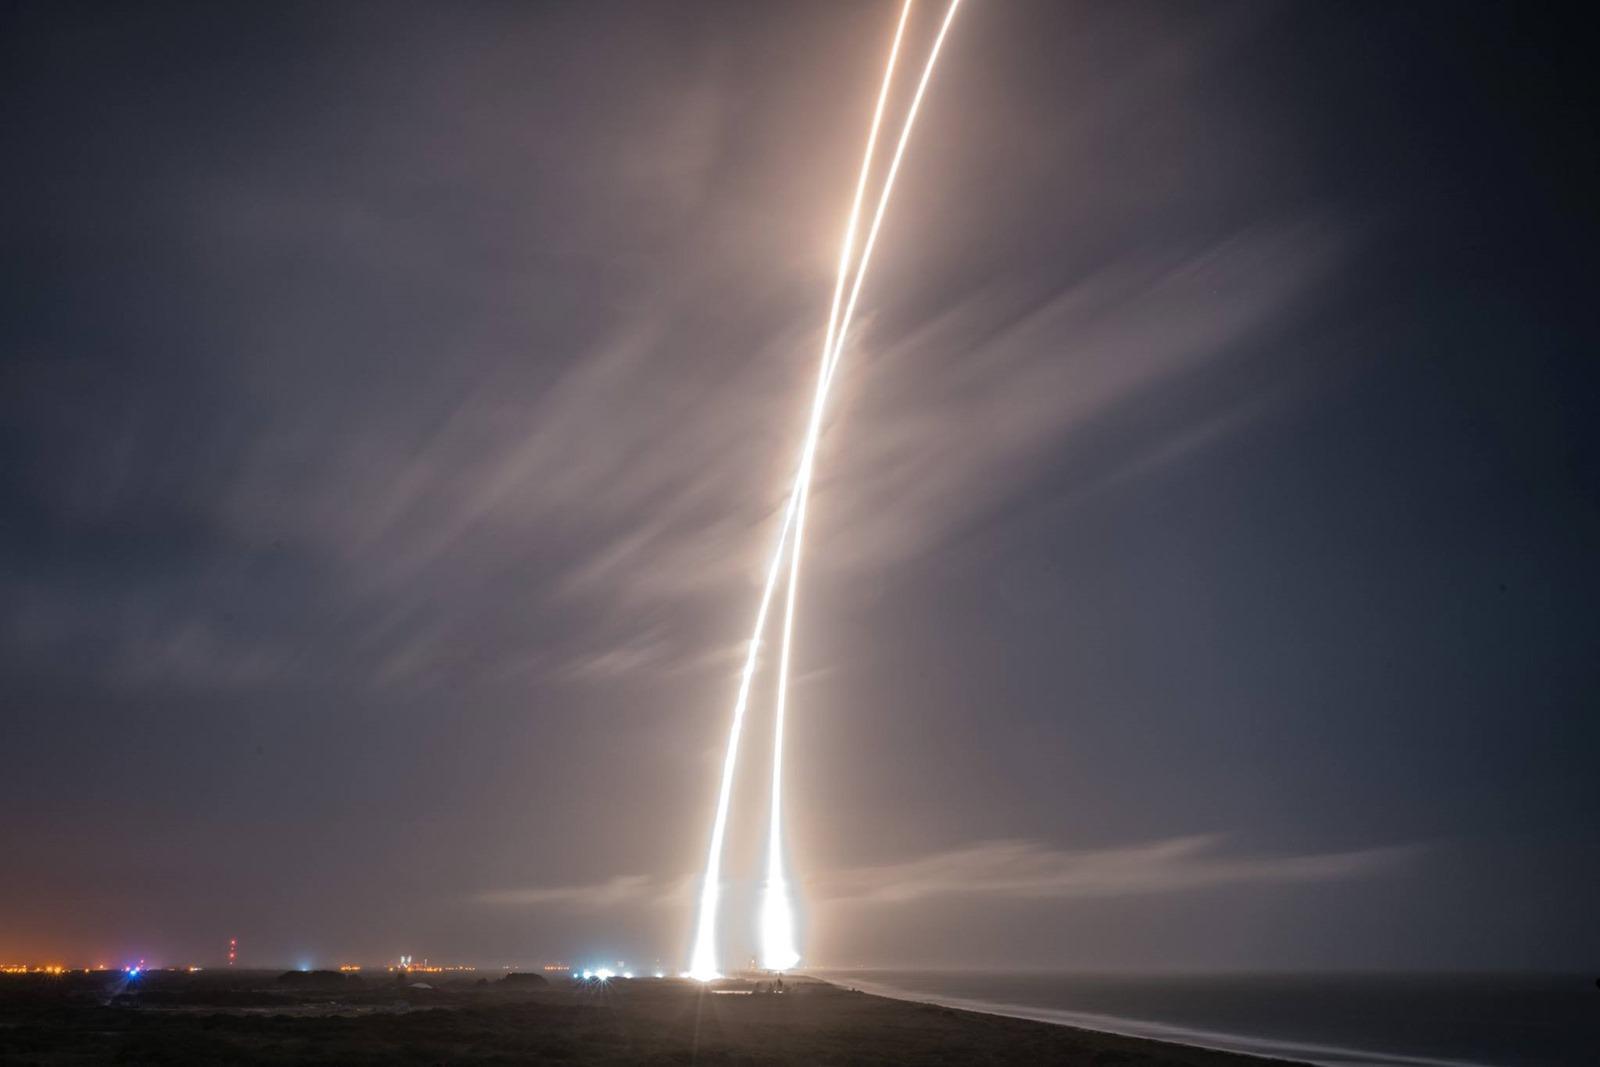 SpaceX a accompli l'atterrissage historique d'un lanceur réutilisable qui a préalablement atteint l'orbite de la Terre (vidéo)